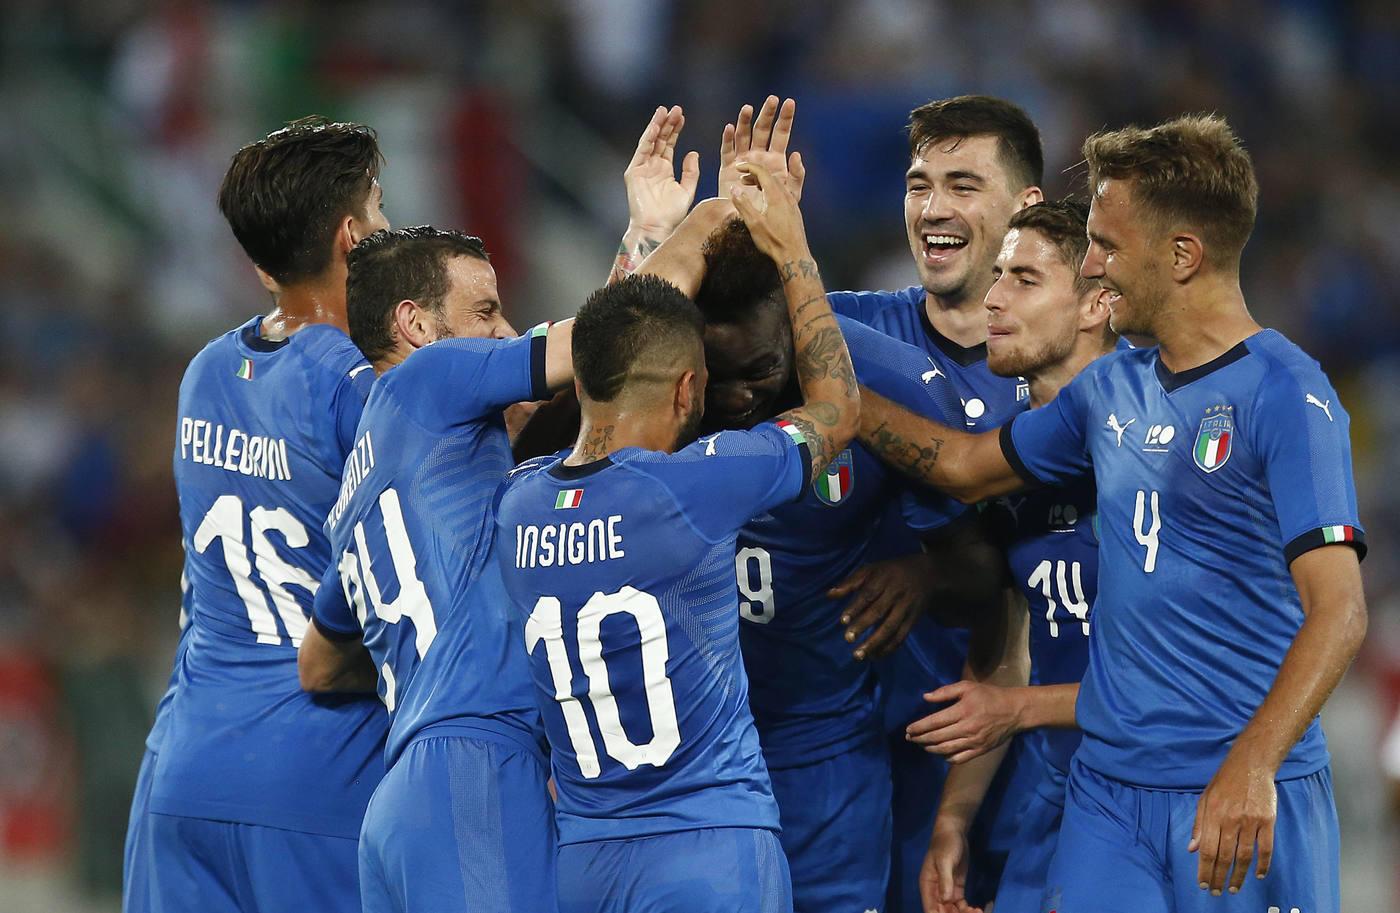 Amichevoli: Italia-Arabia Saudita 2-1, ci pensano Balotelli e Belotti